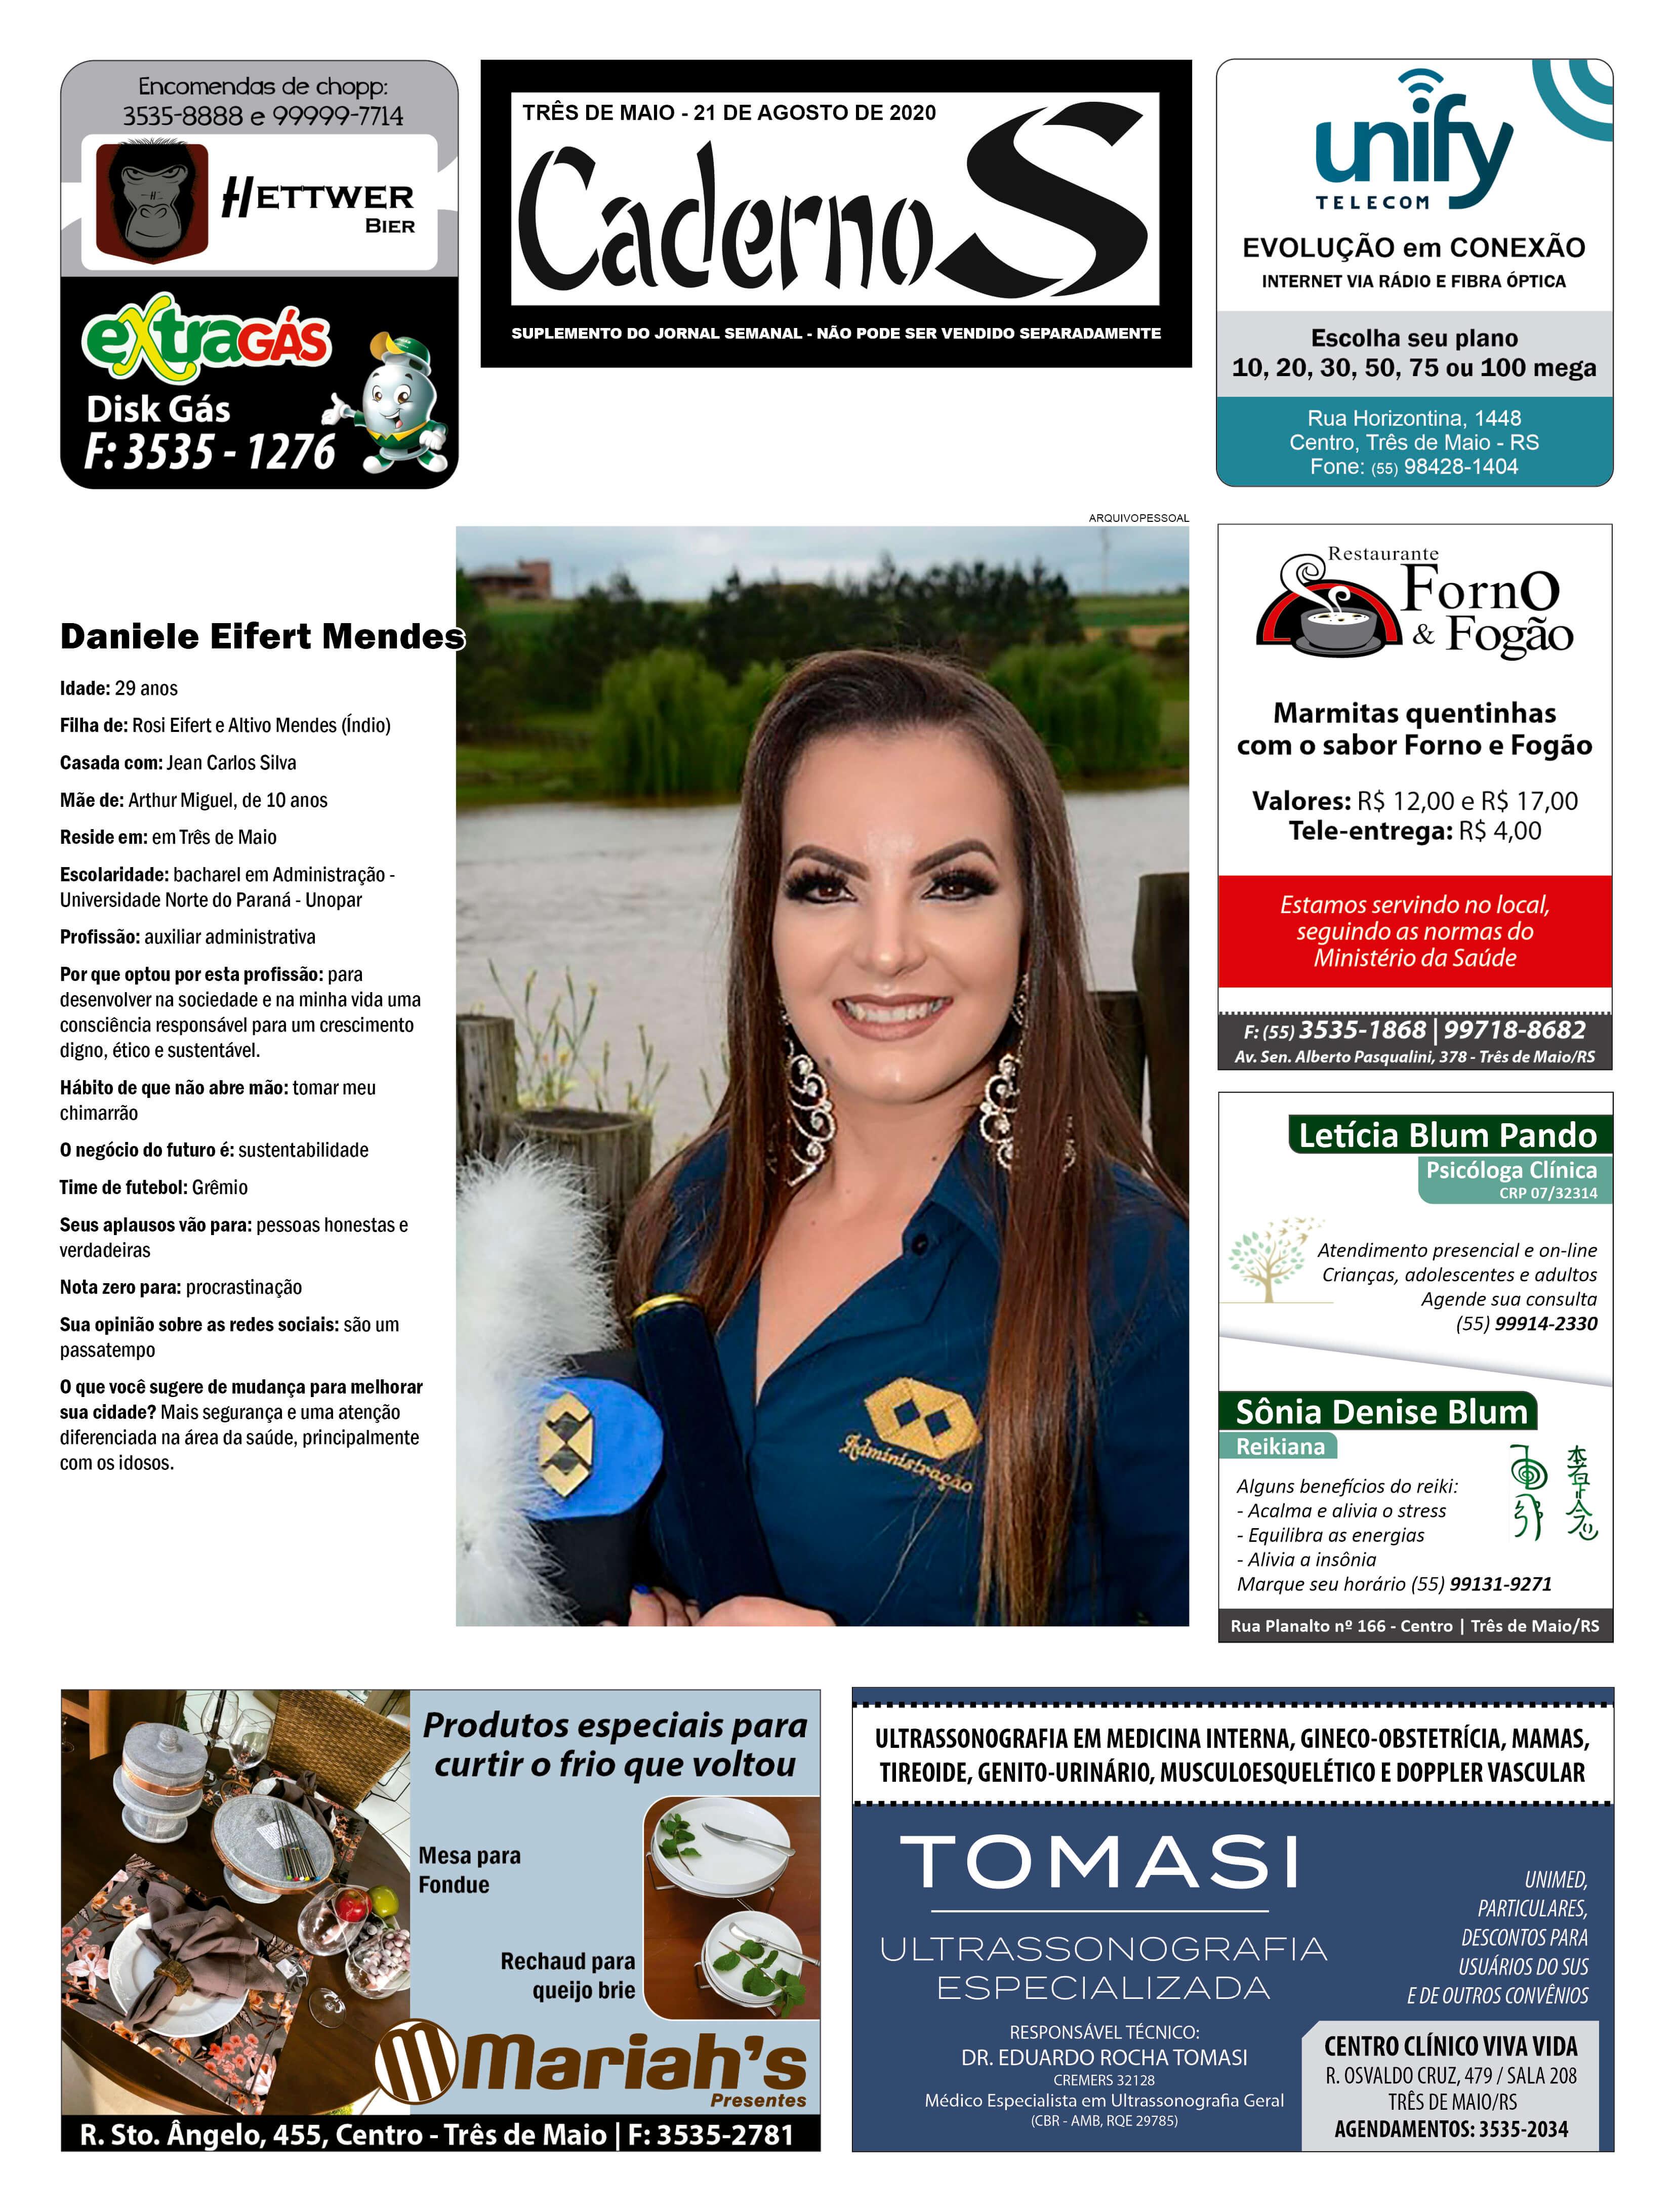 Edição 21 de agosto de 2020